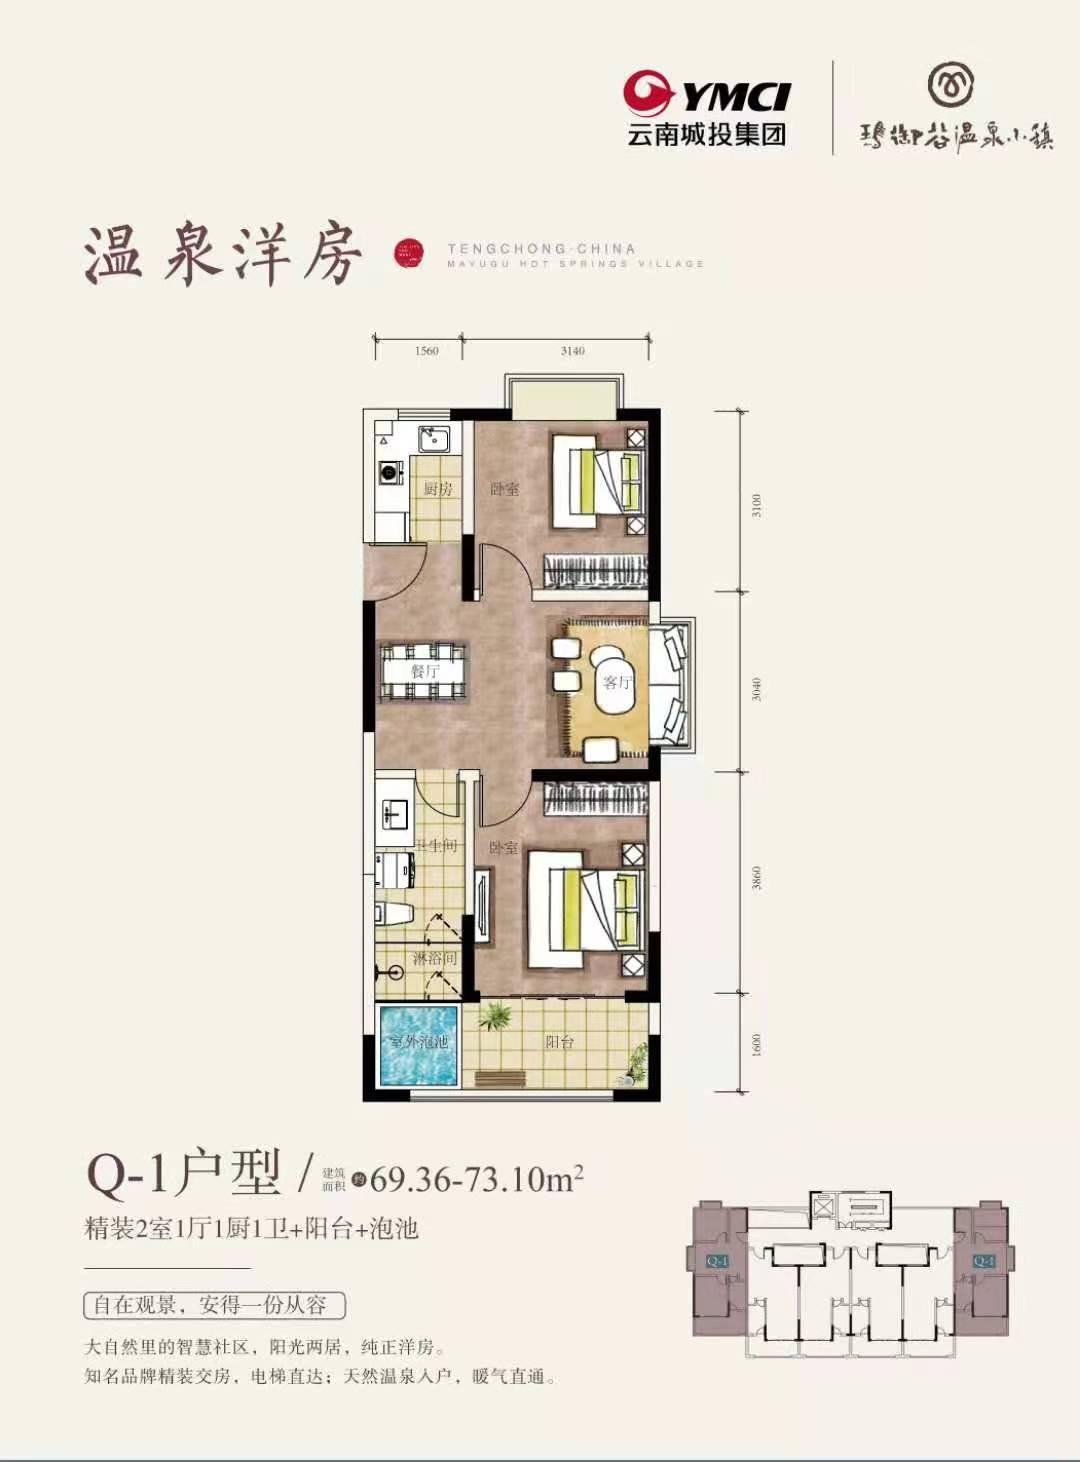 温泉洋房Q-1 2室1厅1卫 建面69.36-73.10㎡